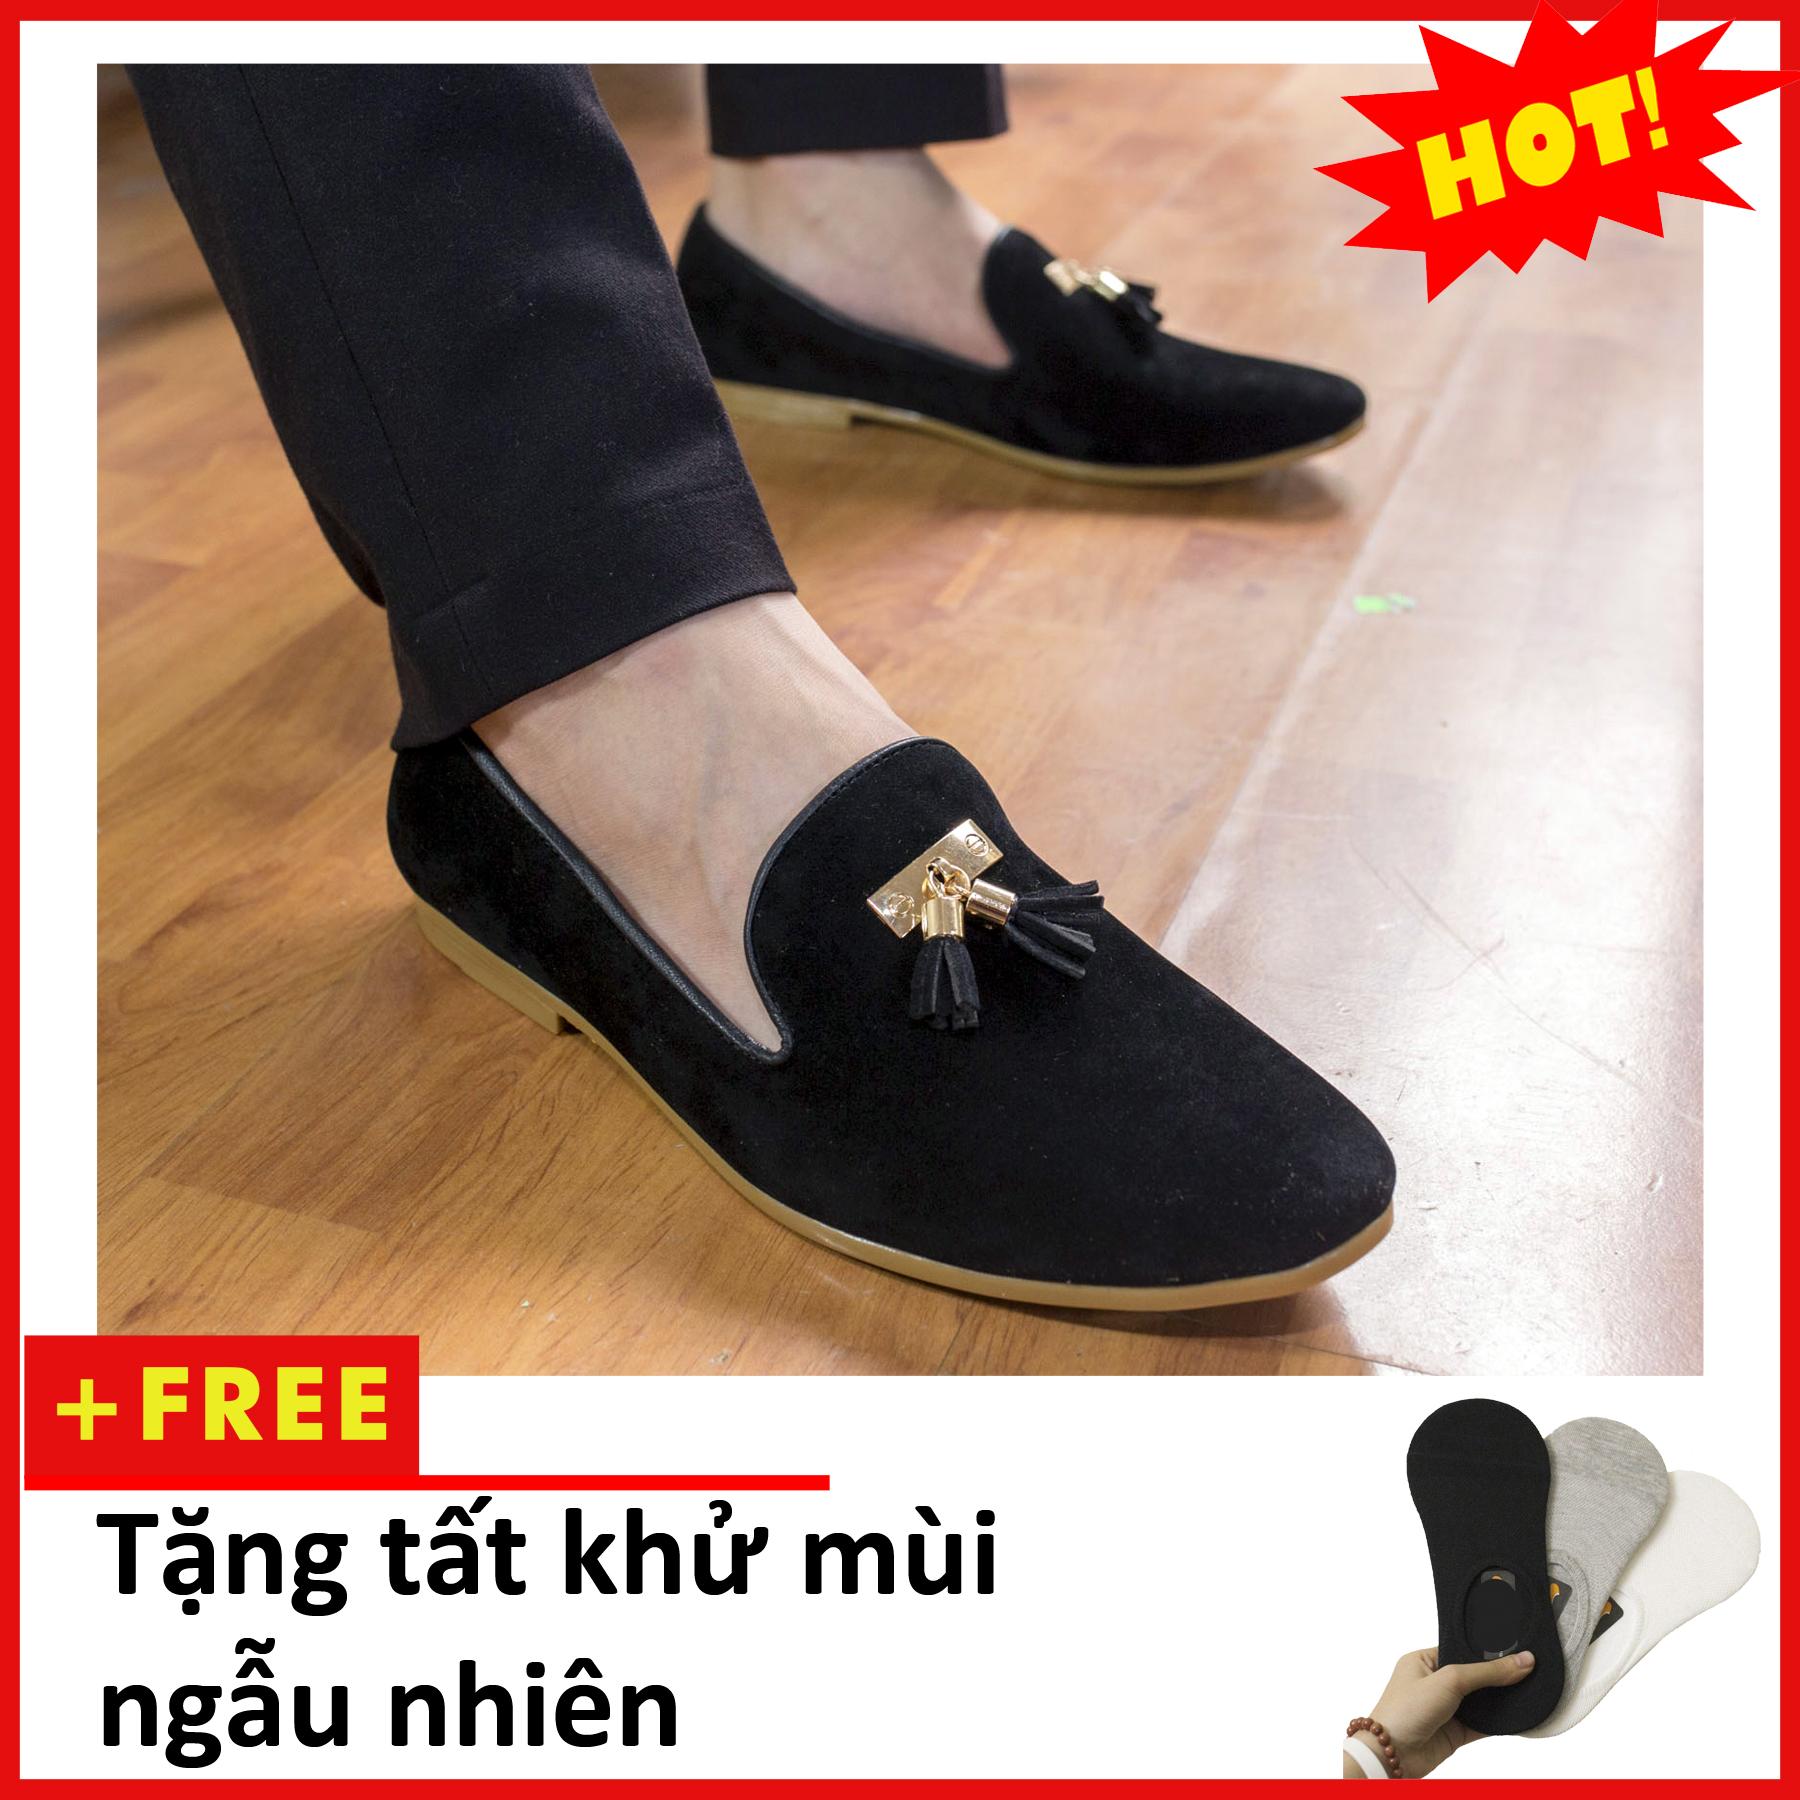 Giày Lười Nam Đẹp Đế Khâu Chuông Vàng Da Búc Màu Đen Sang Trọng - M124-BUCK-Tặng tất